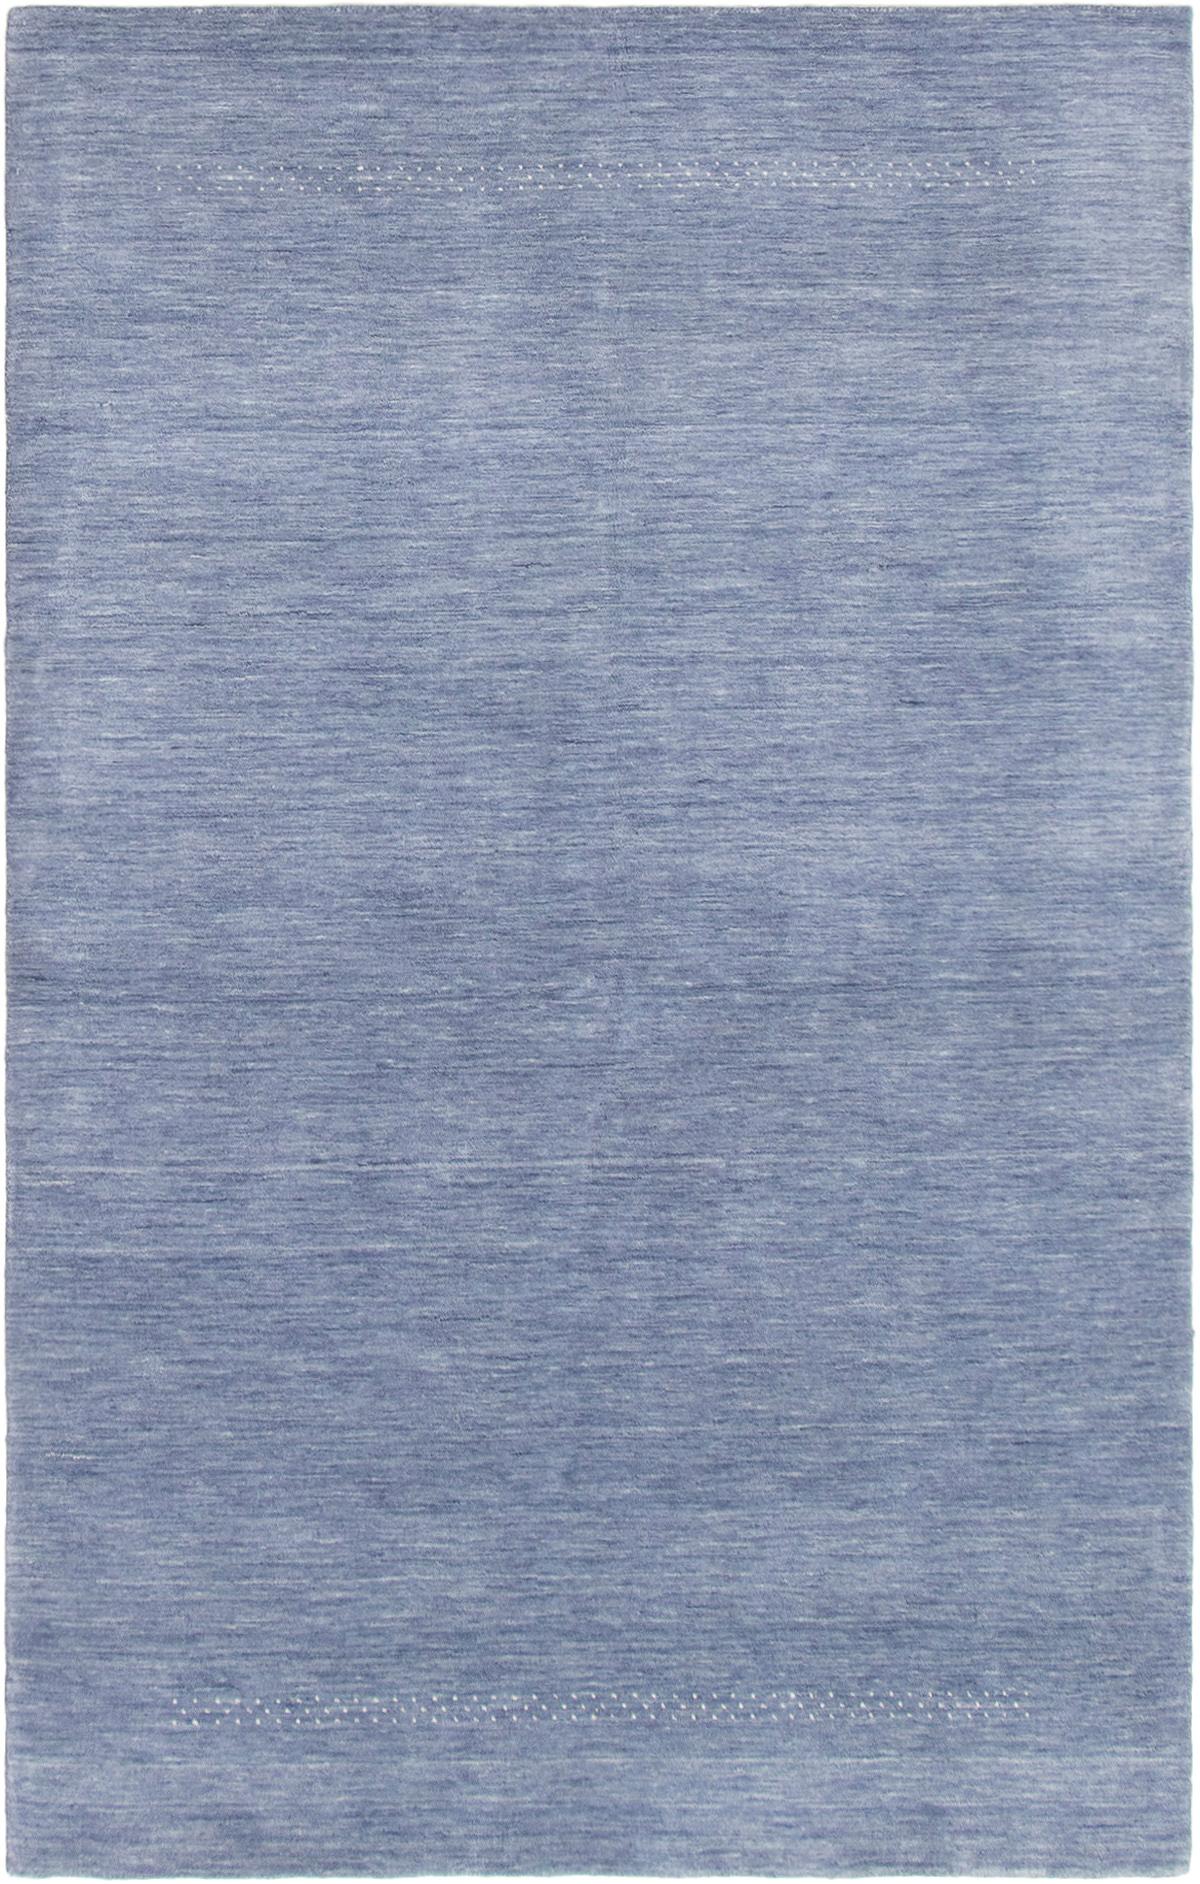 """Hand-knotted Kashkuli Gabbeh Slate Blue Wool Rug 5'0"""" x 8'0"""" Size: 5'0"""" x 8'0"""""""